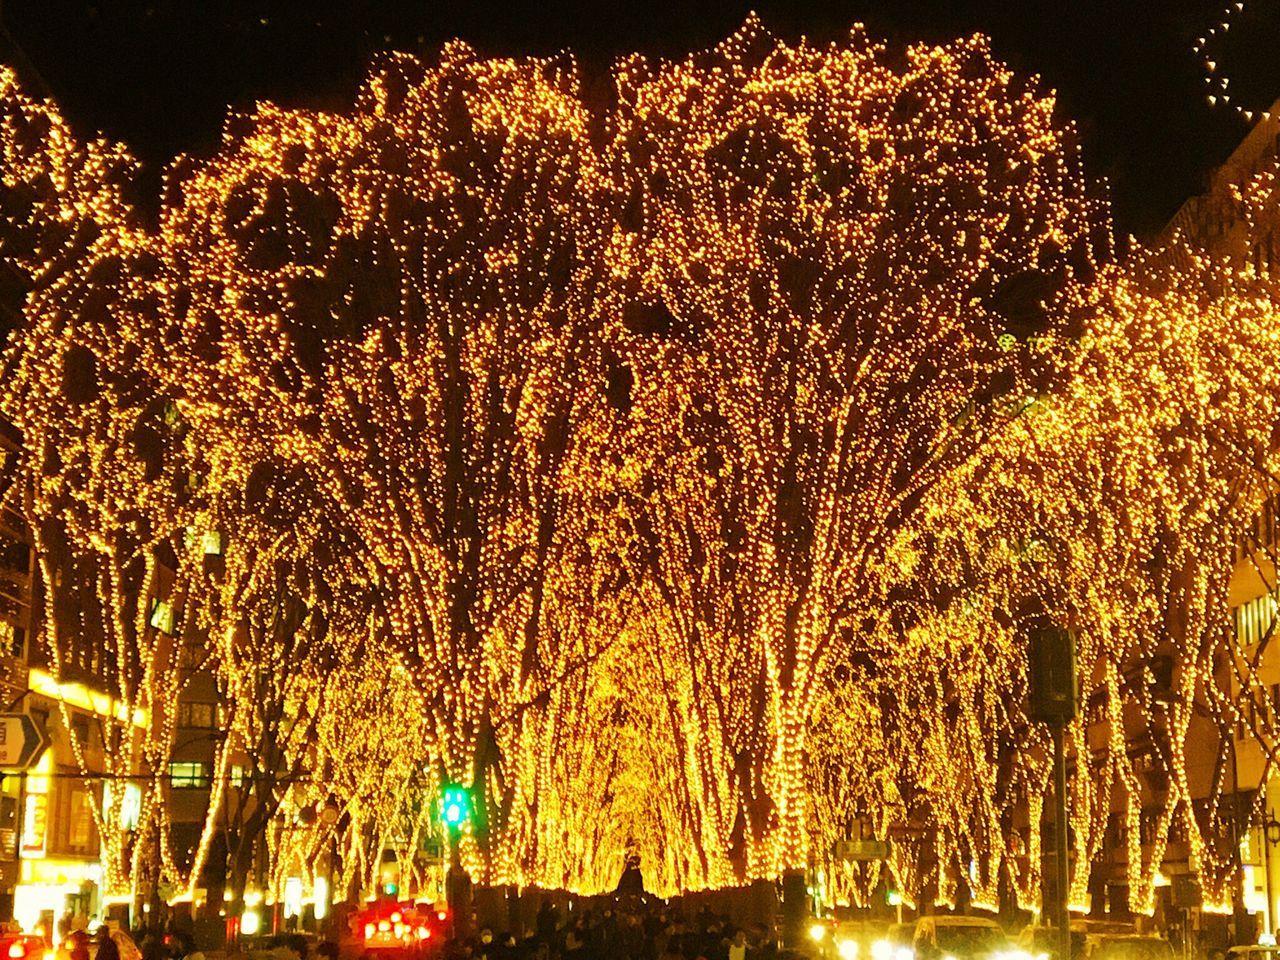 仙台 光のページェント。 The Pageant Of Light Night Illuminated Tree Hello World December Sendai Miyagi Winter Street Art